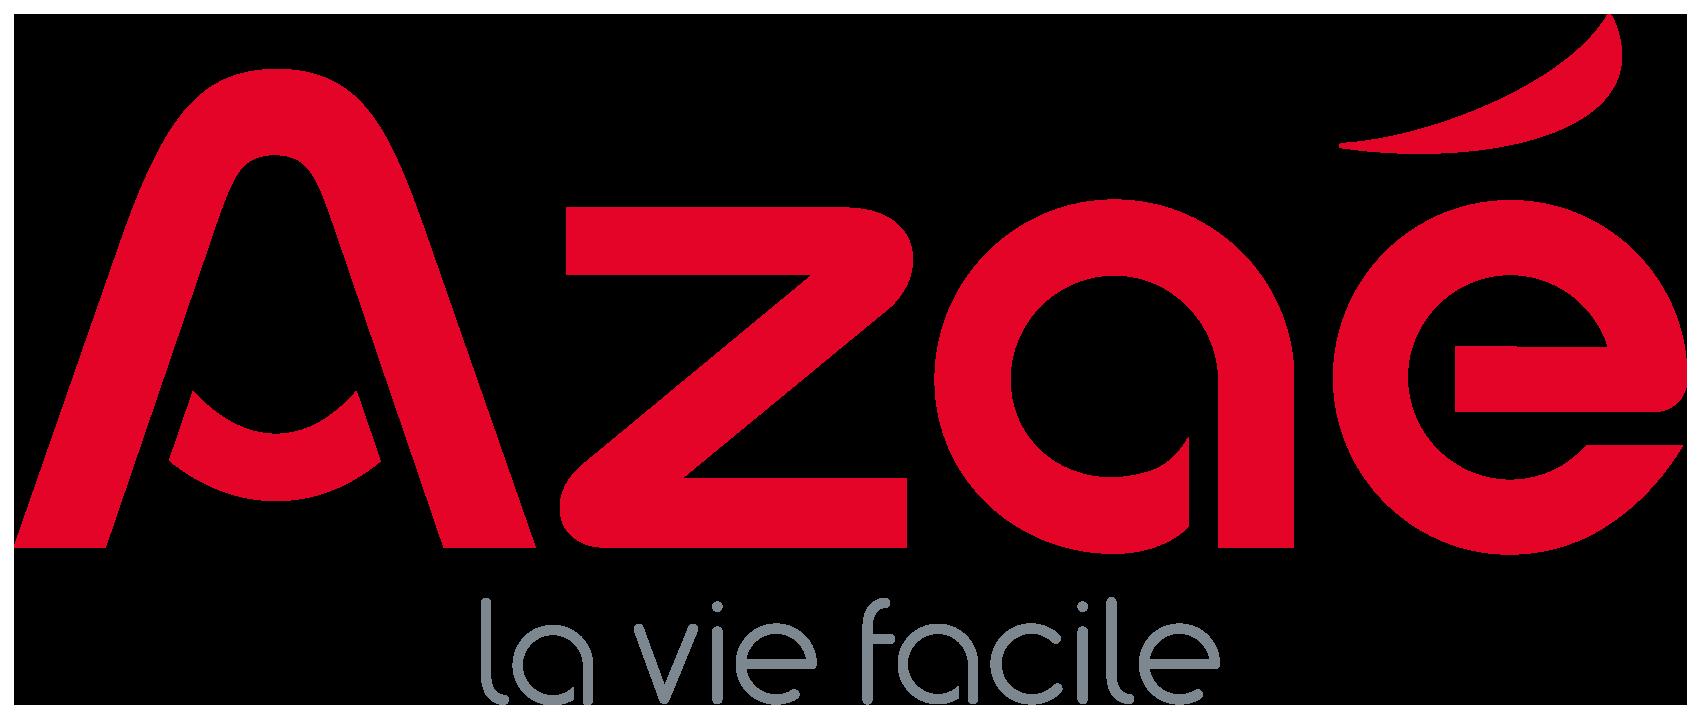 Azaé Aix en Provence - Aide à domicile et femme de ménage